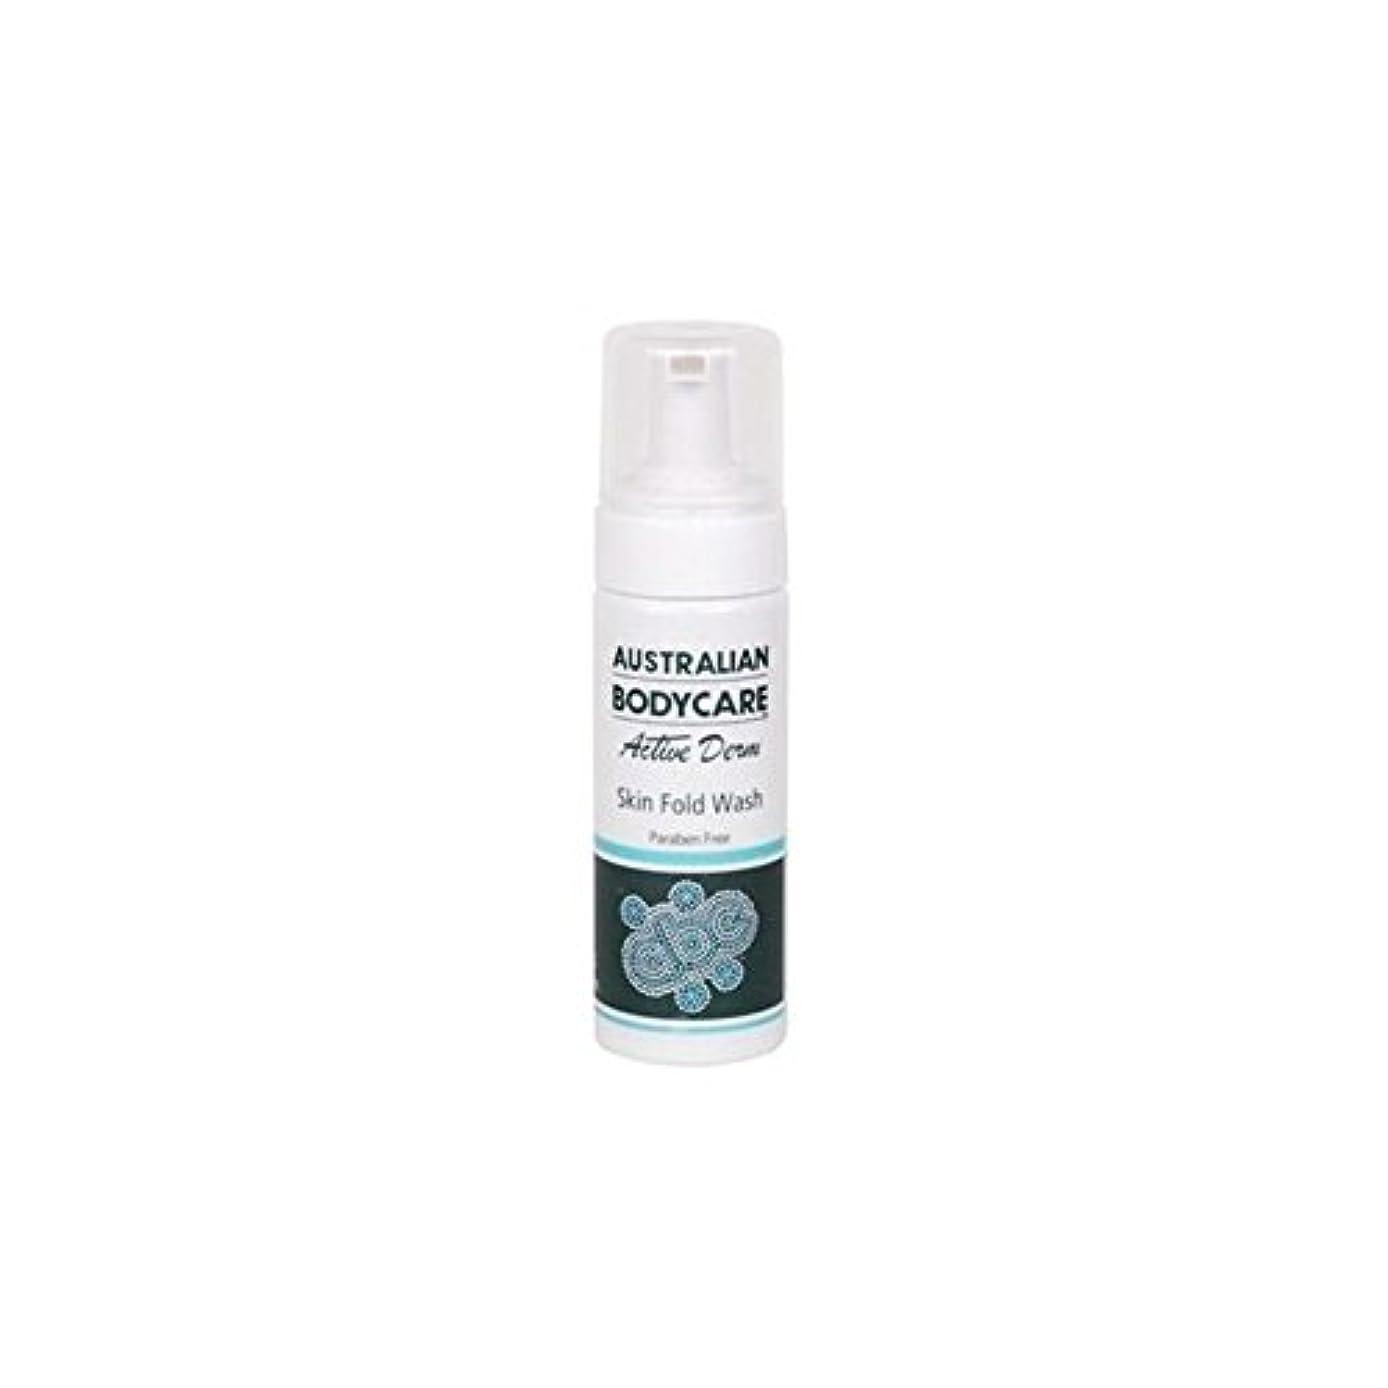 素朴な成人期バスルームAustralian Bodycare Active Derm Skin Fold Wash (150ml) - オーストラリアのボディケアアクティブダームの皮膚のひだの洗浄(150ミリリットル) [並行輸入品]